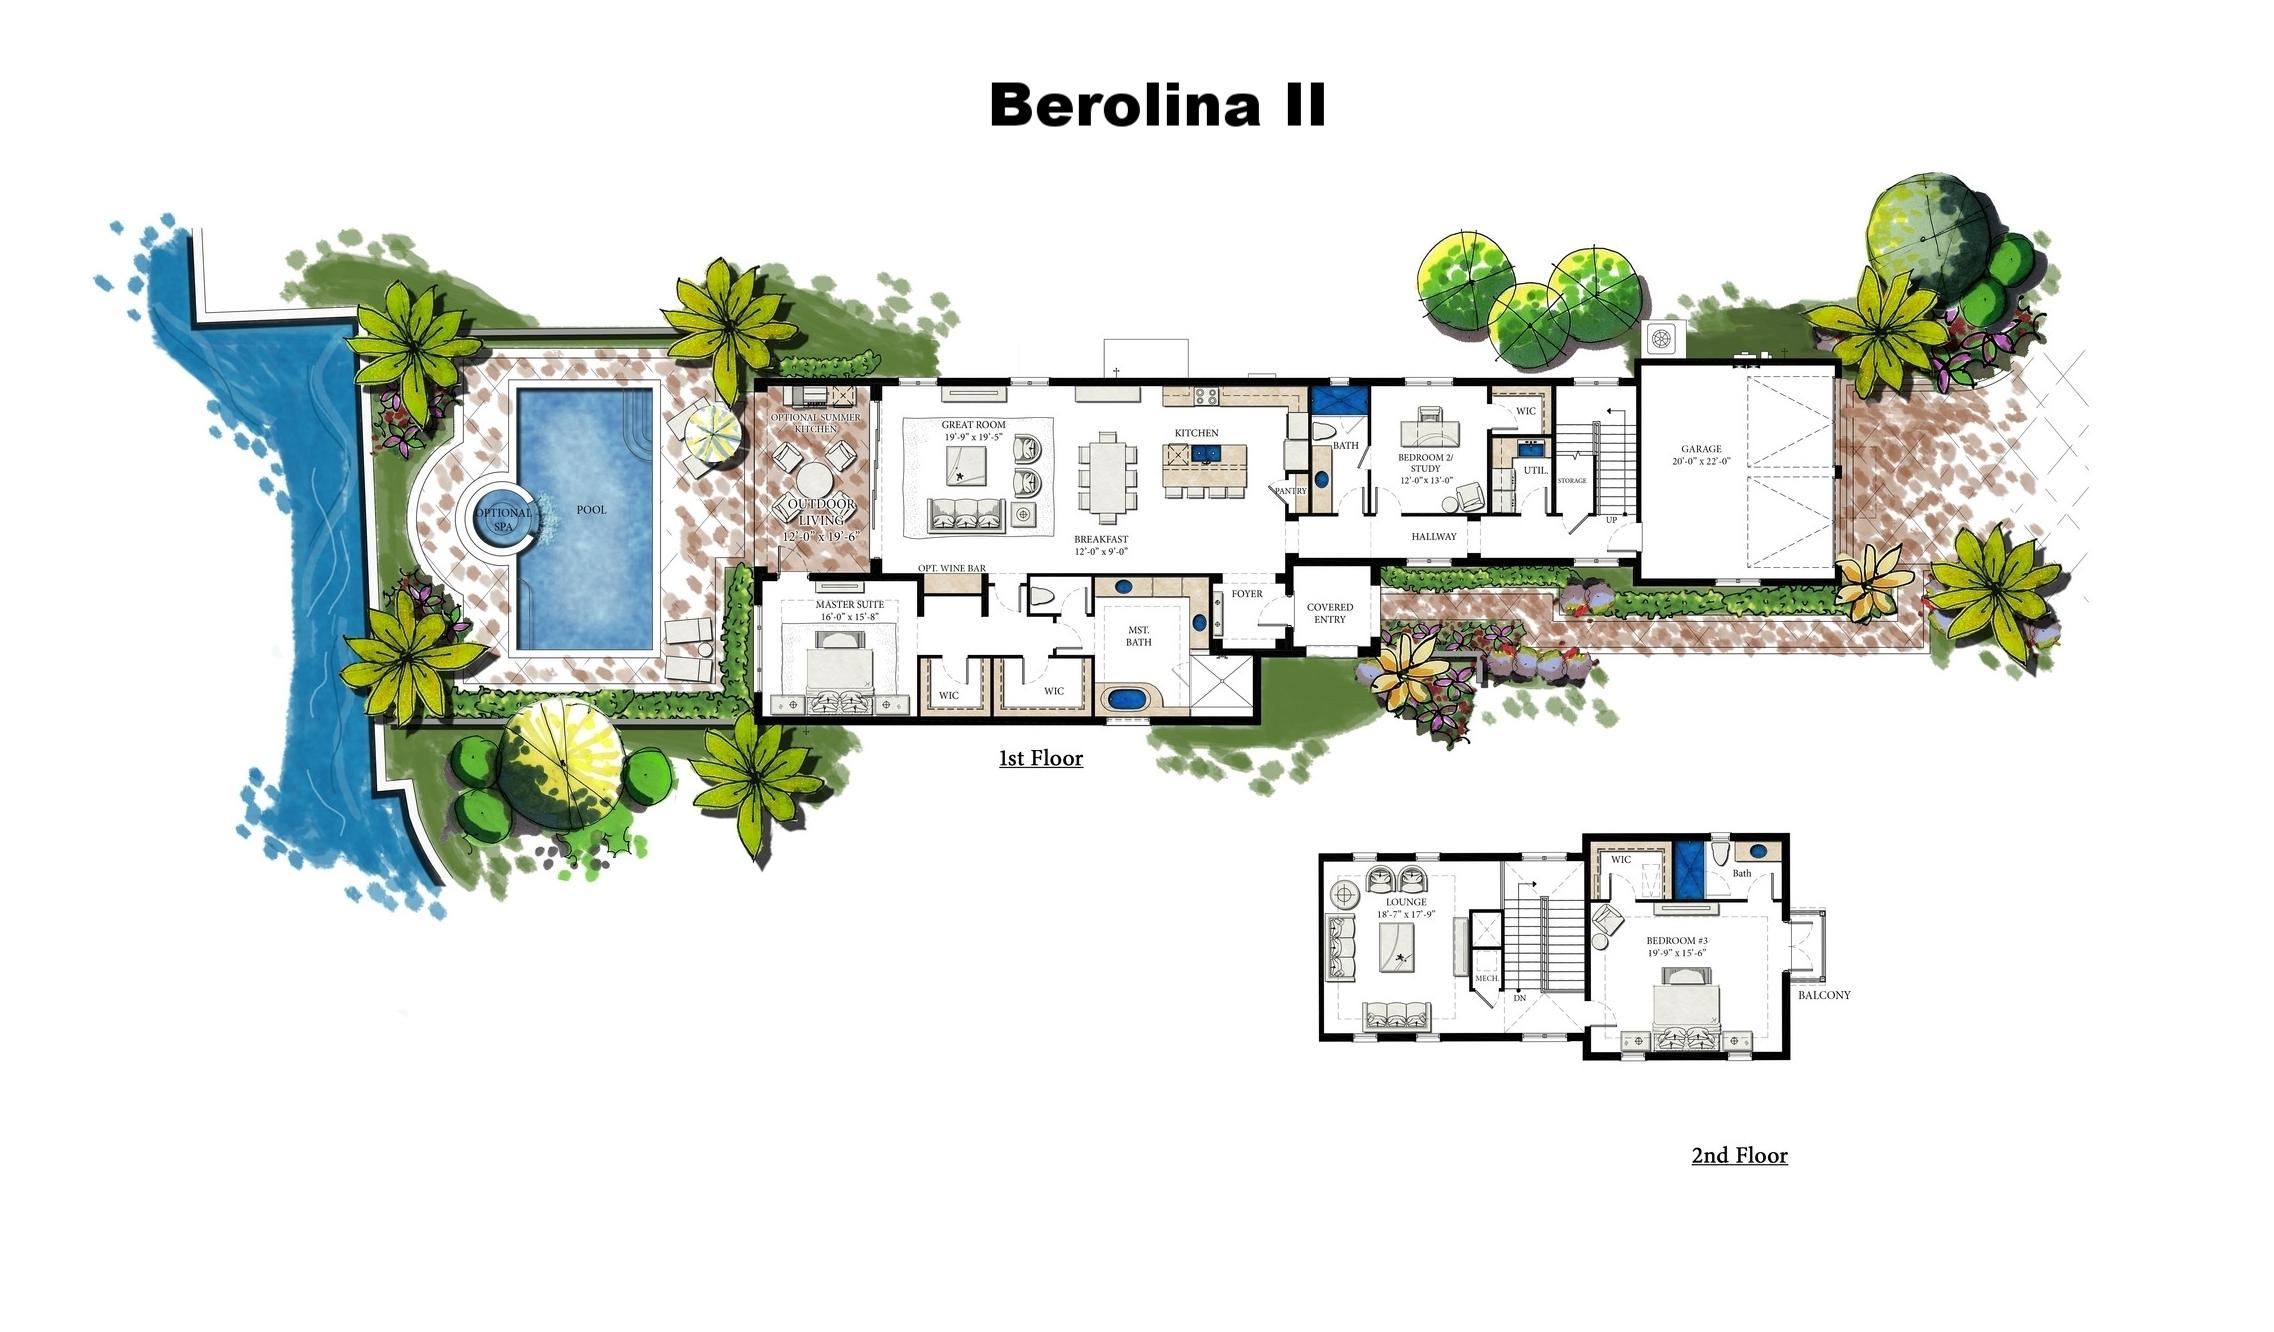 Berolina 2